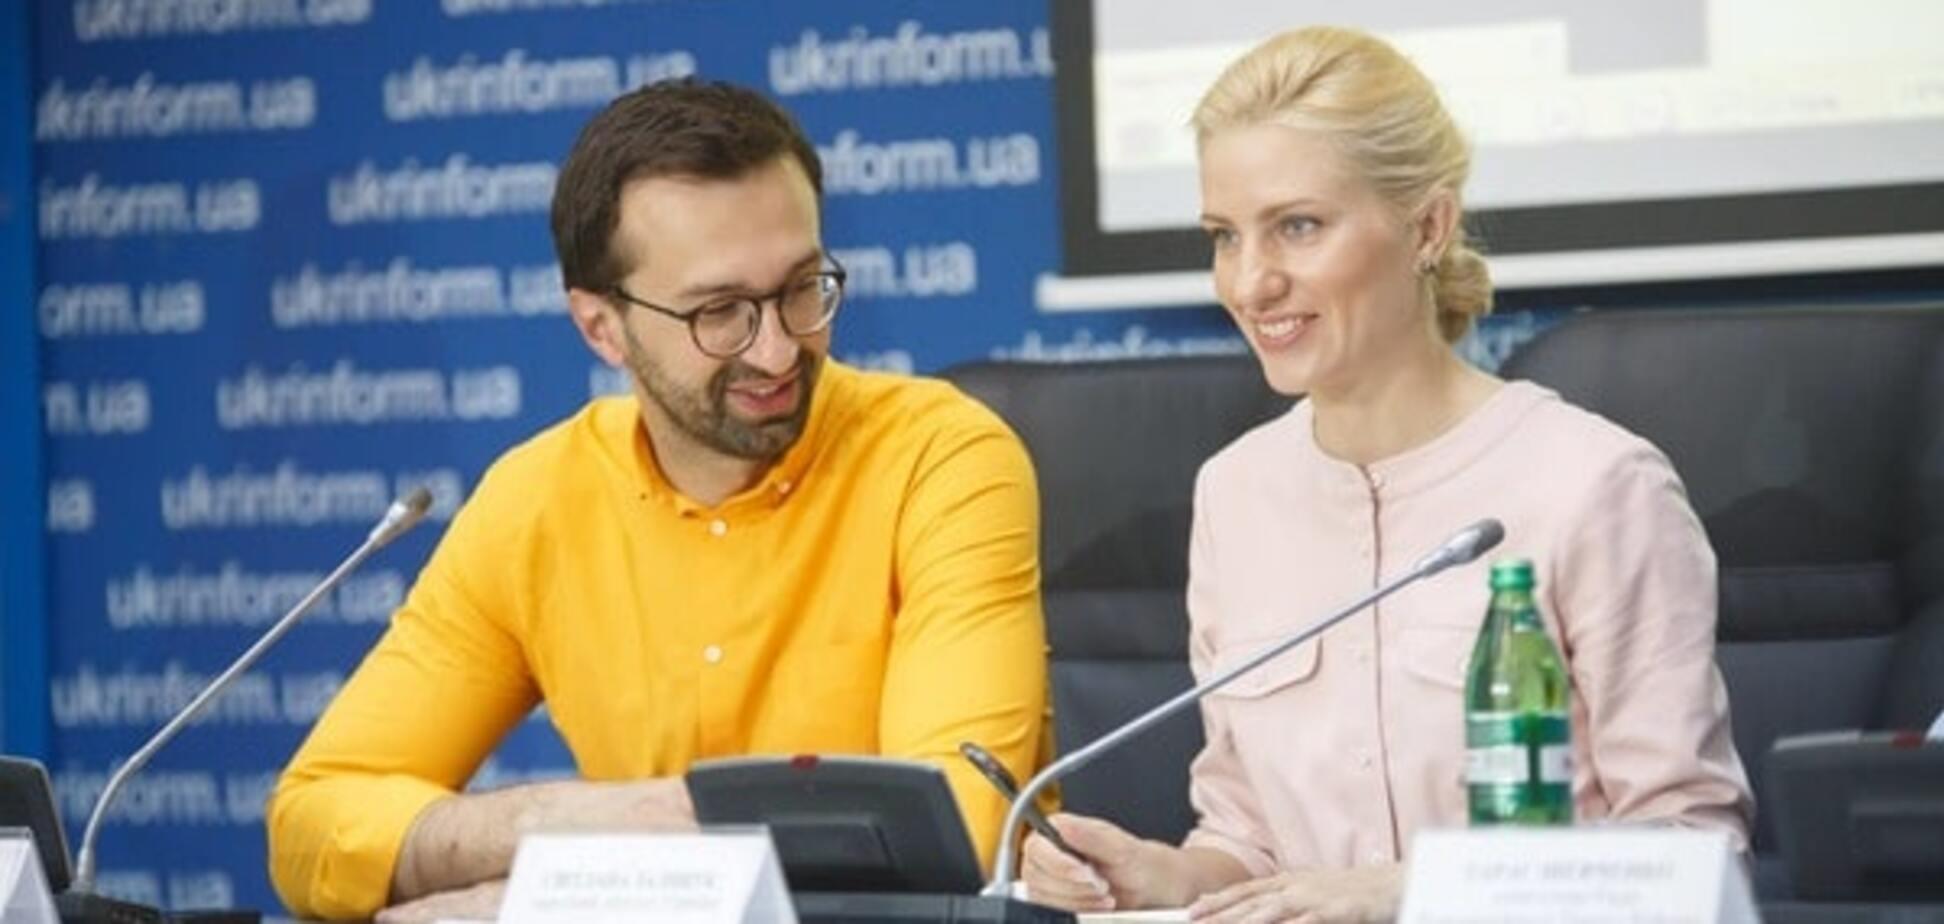 Заліщук пояснила, звідки у неї з'явилася простора квартира у центрі Києва